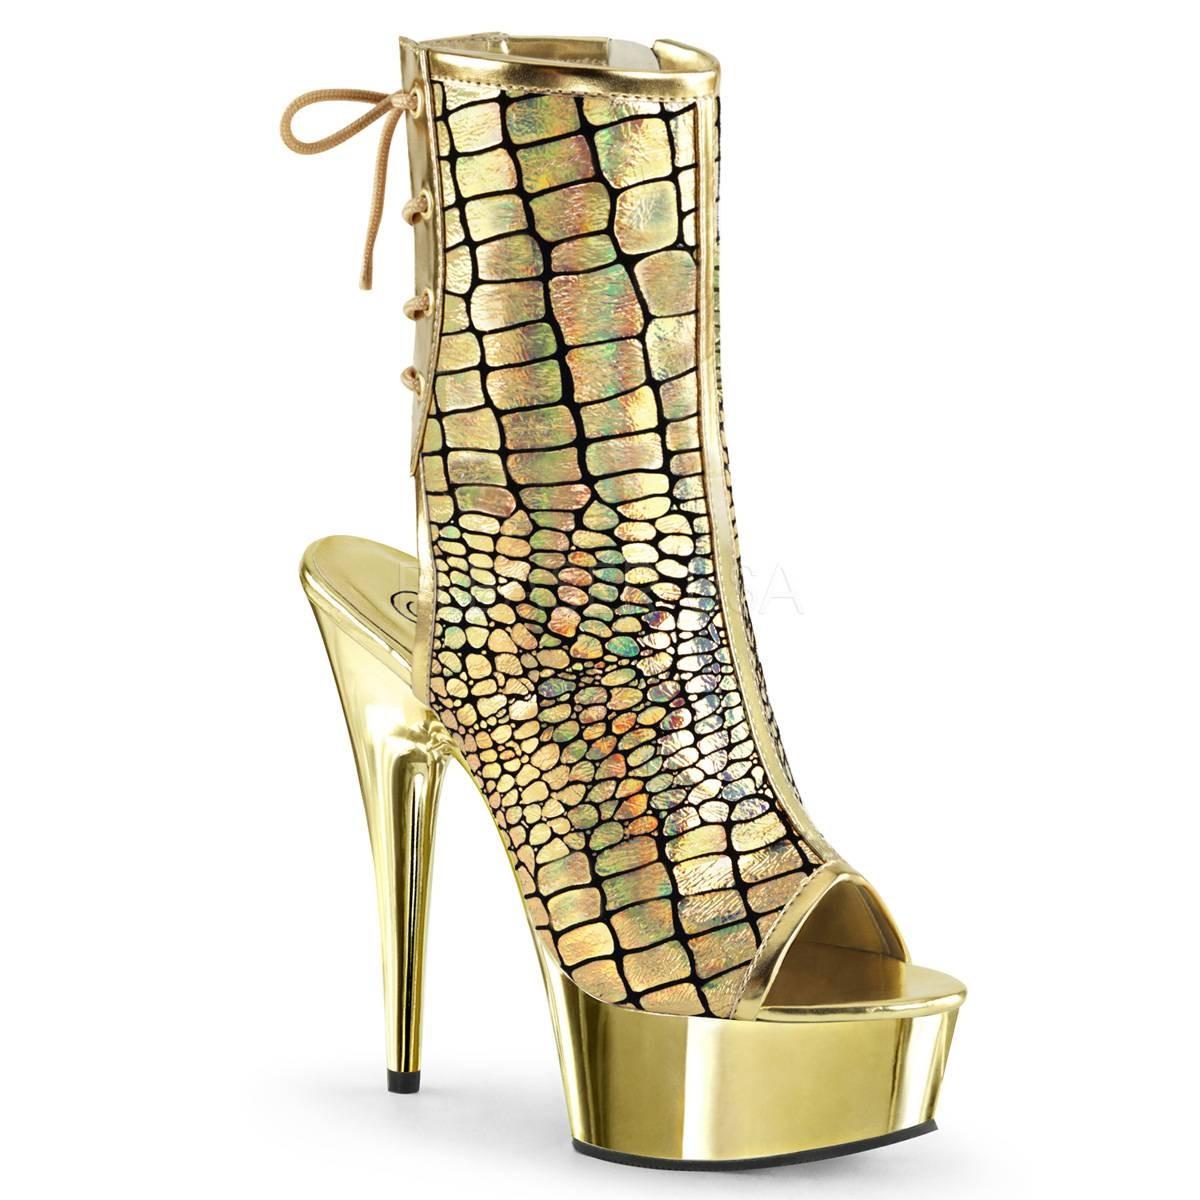 Highheels für Frauen - DELIGHT 1018HG ° Damen Peep Toe Stiefelette ° Gold Matt ° Pleaser  - Onlineshop RedSixty